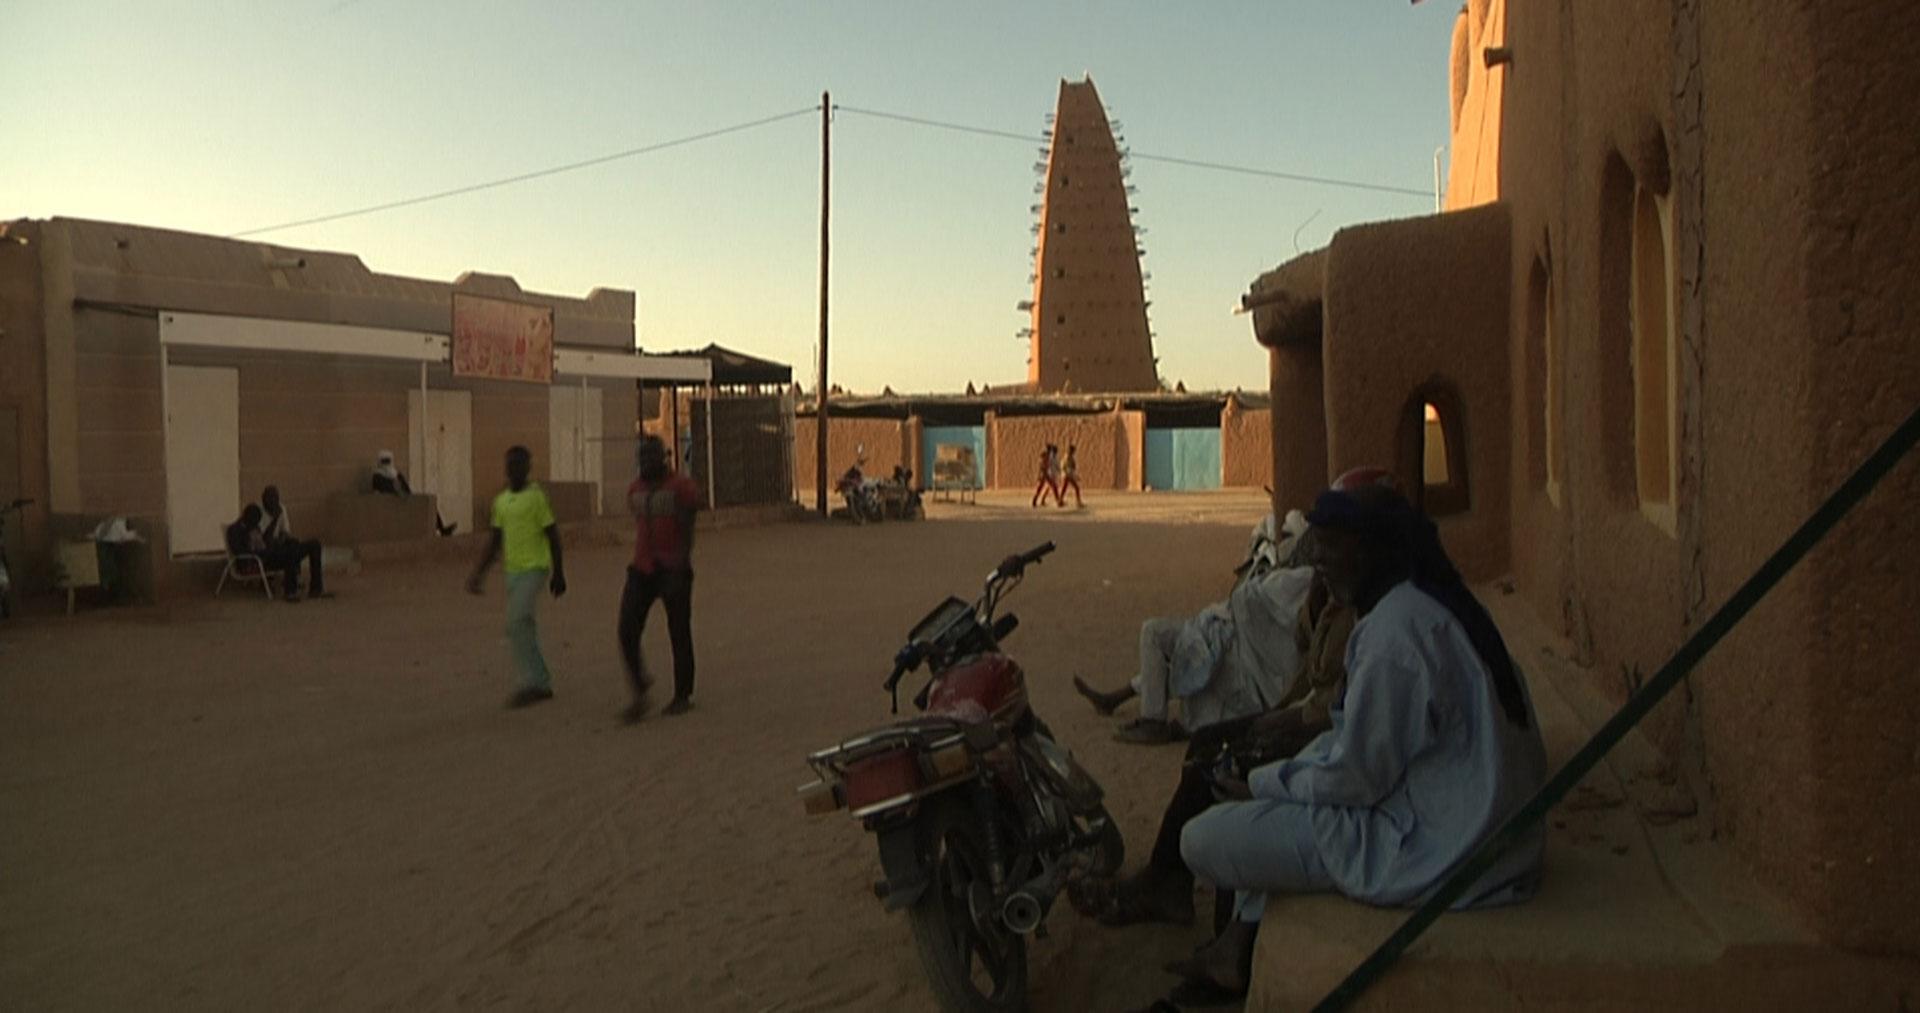 Agadez in Niger